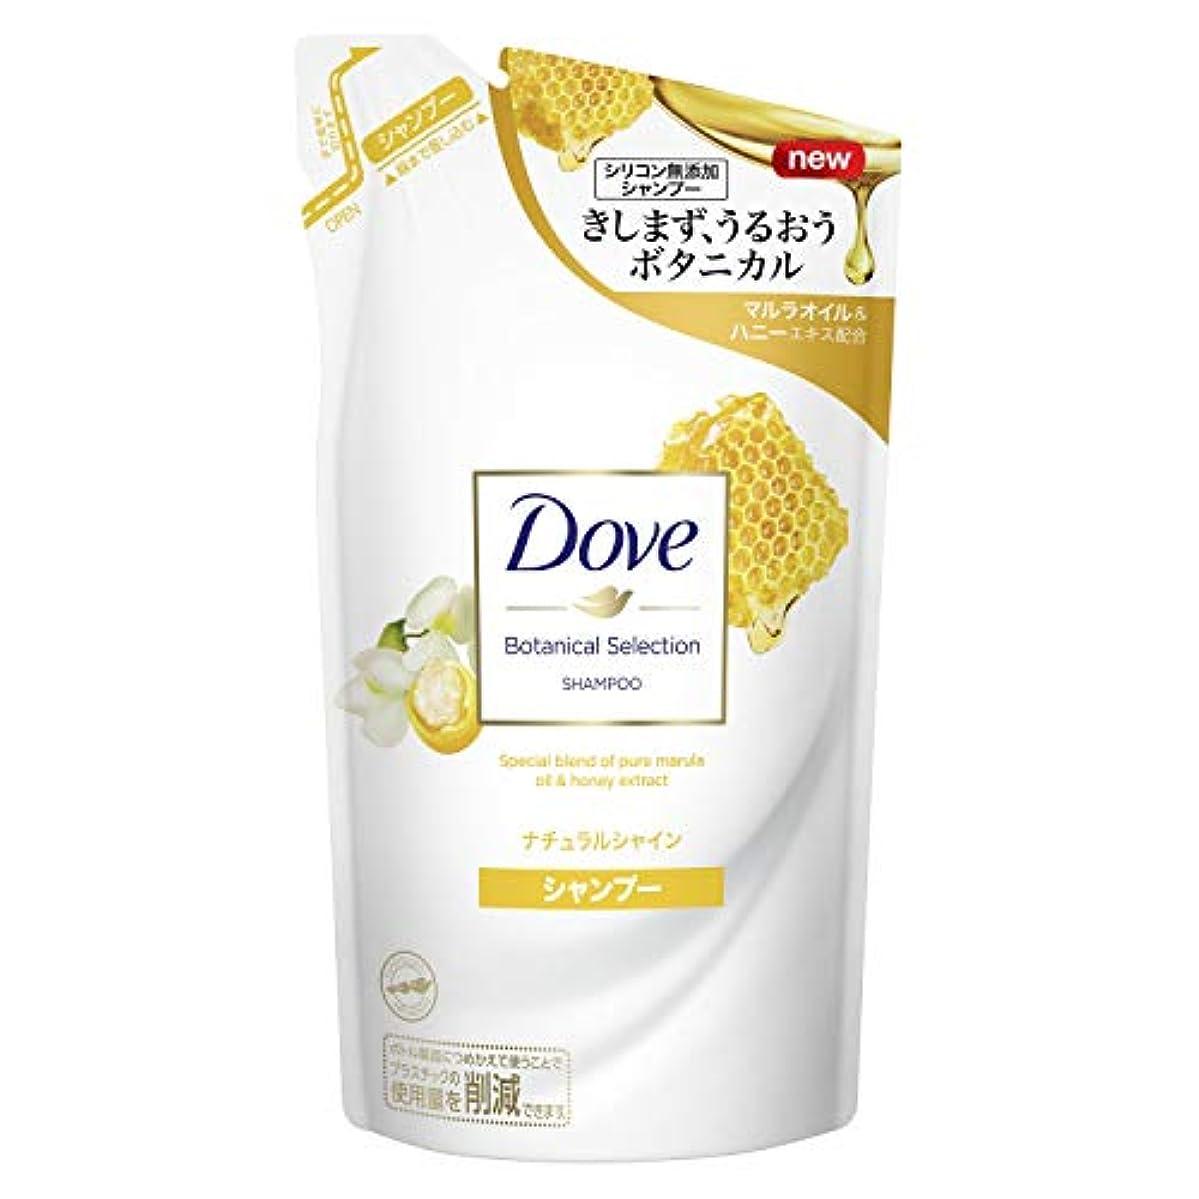 コア信頼宣伝Dove(ダヴ) ダヴ ボタニカルセレクション ナチュラルシャイン シャンプー つめかえ用 350g